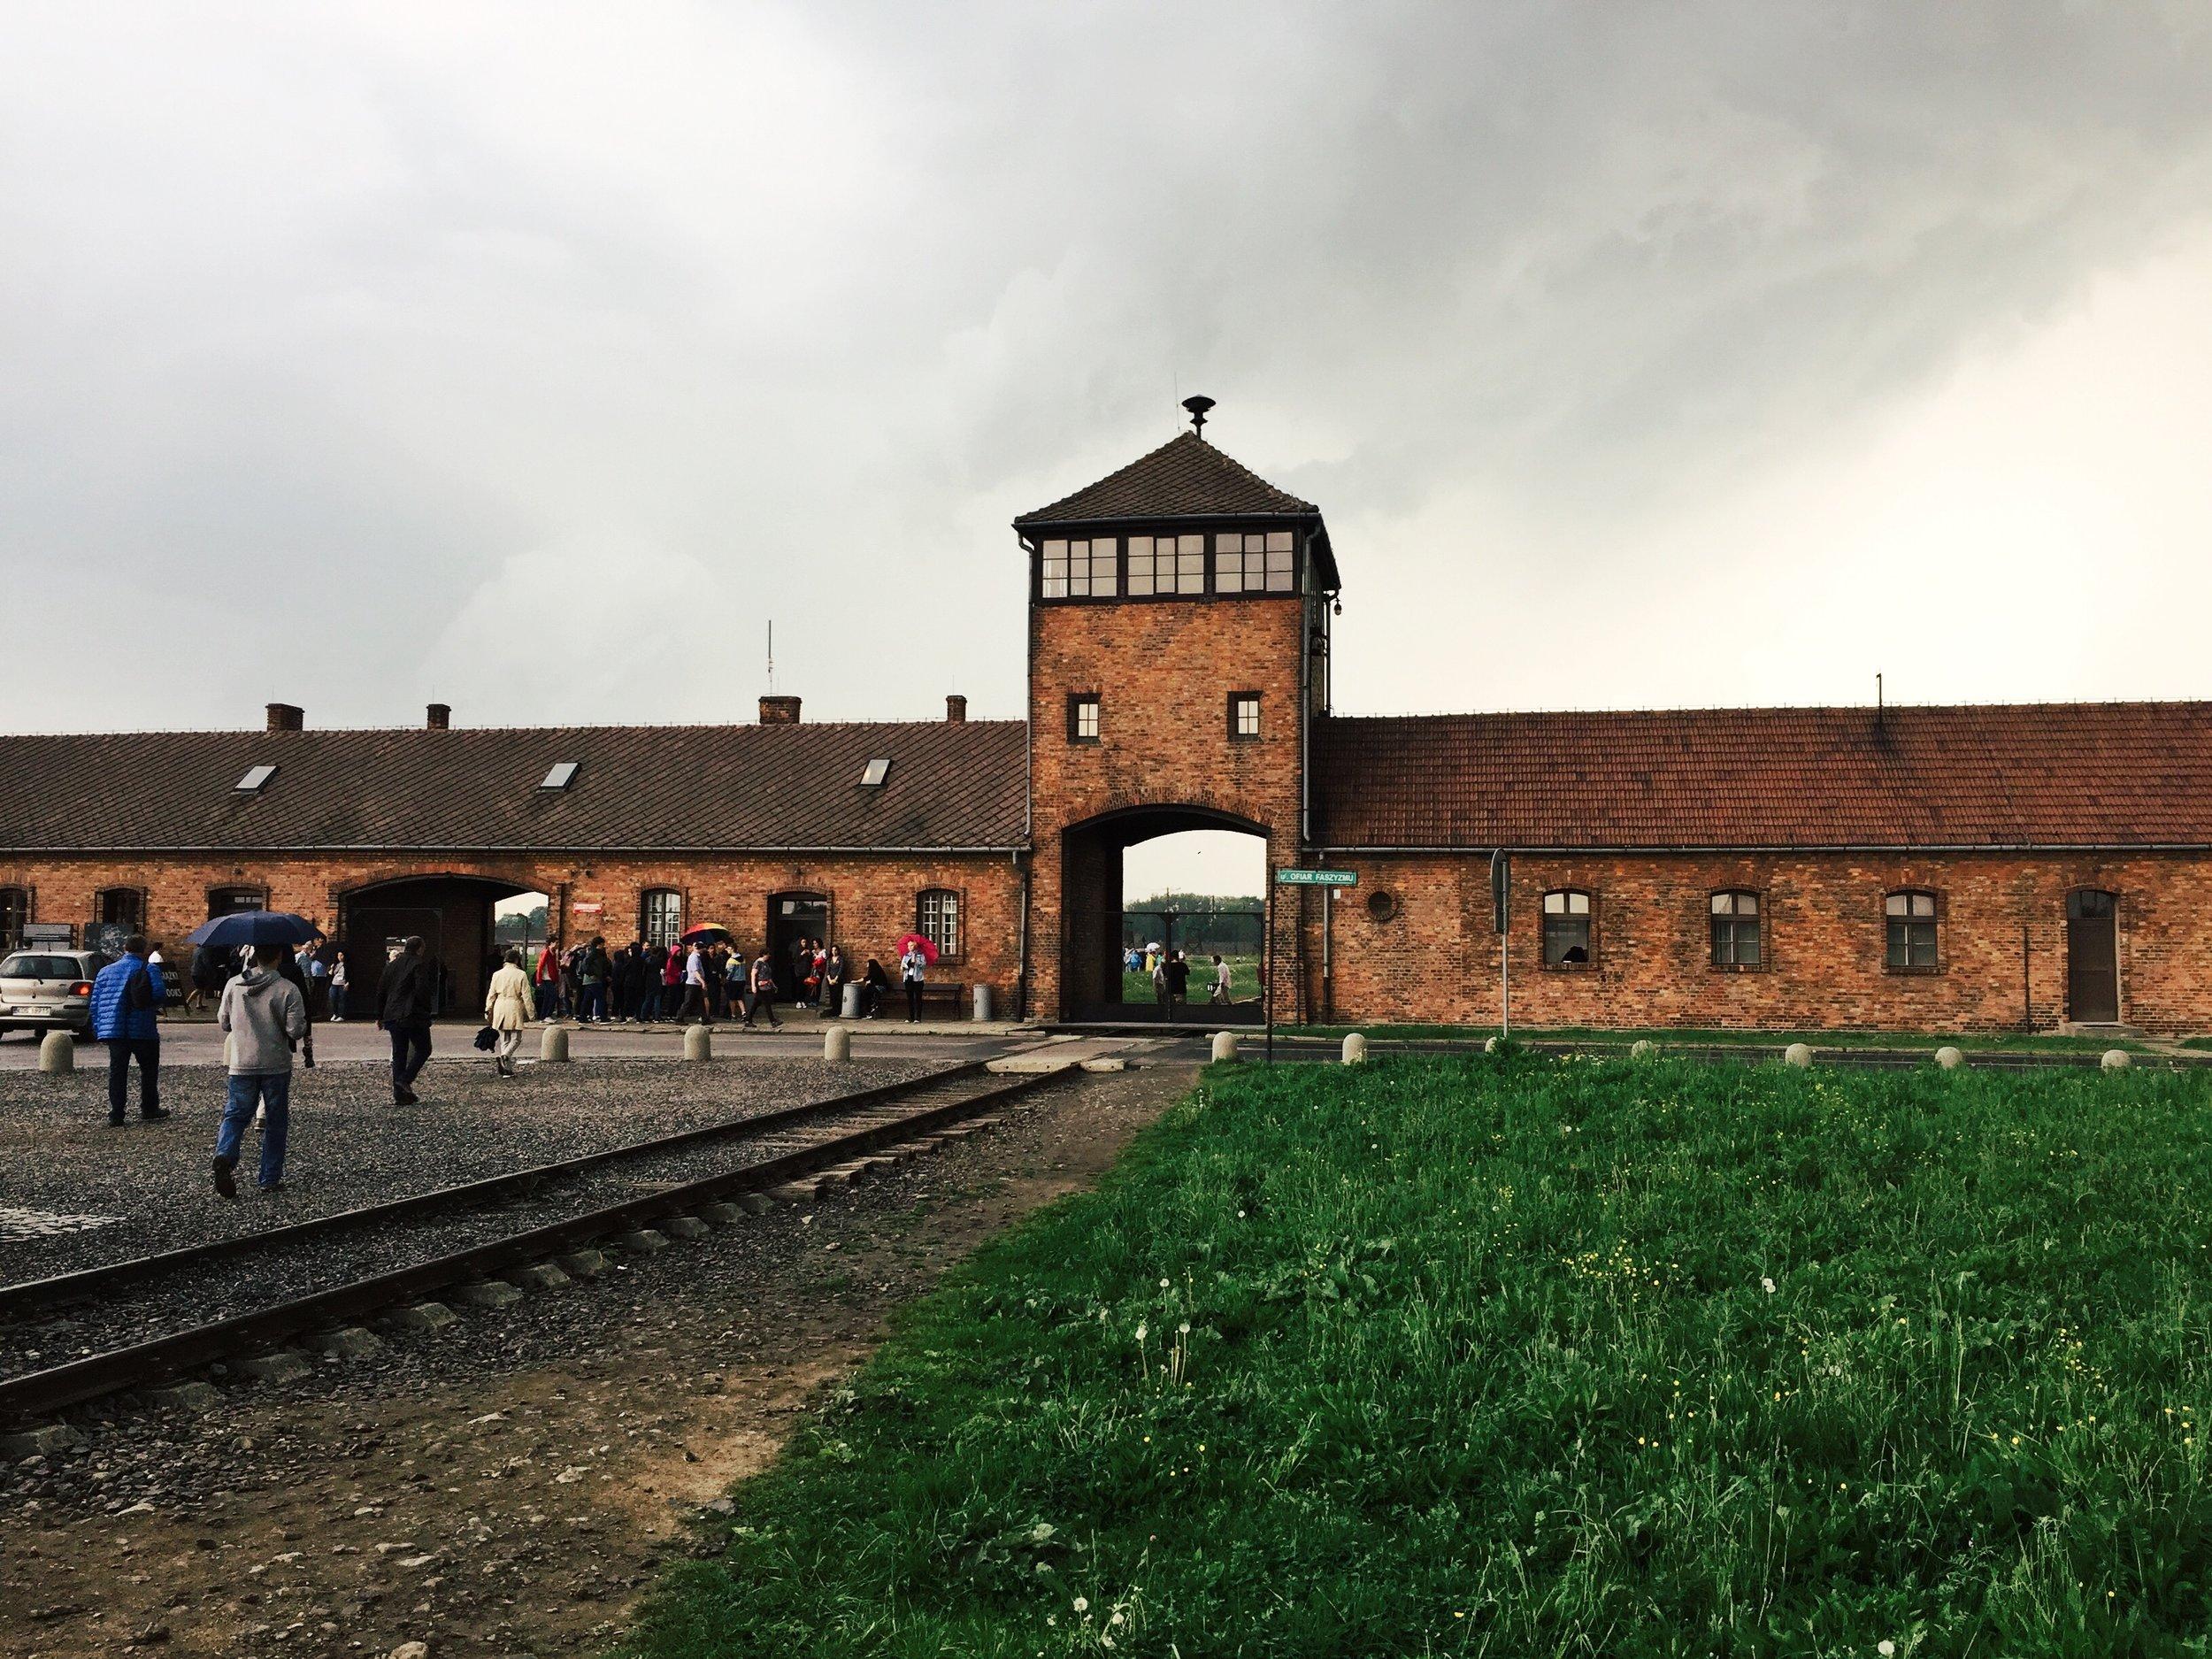 The entrance to Auschwitz II - Birkenau.